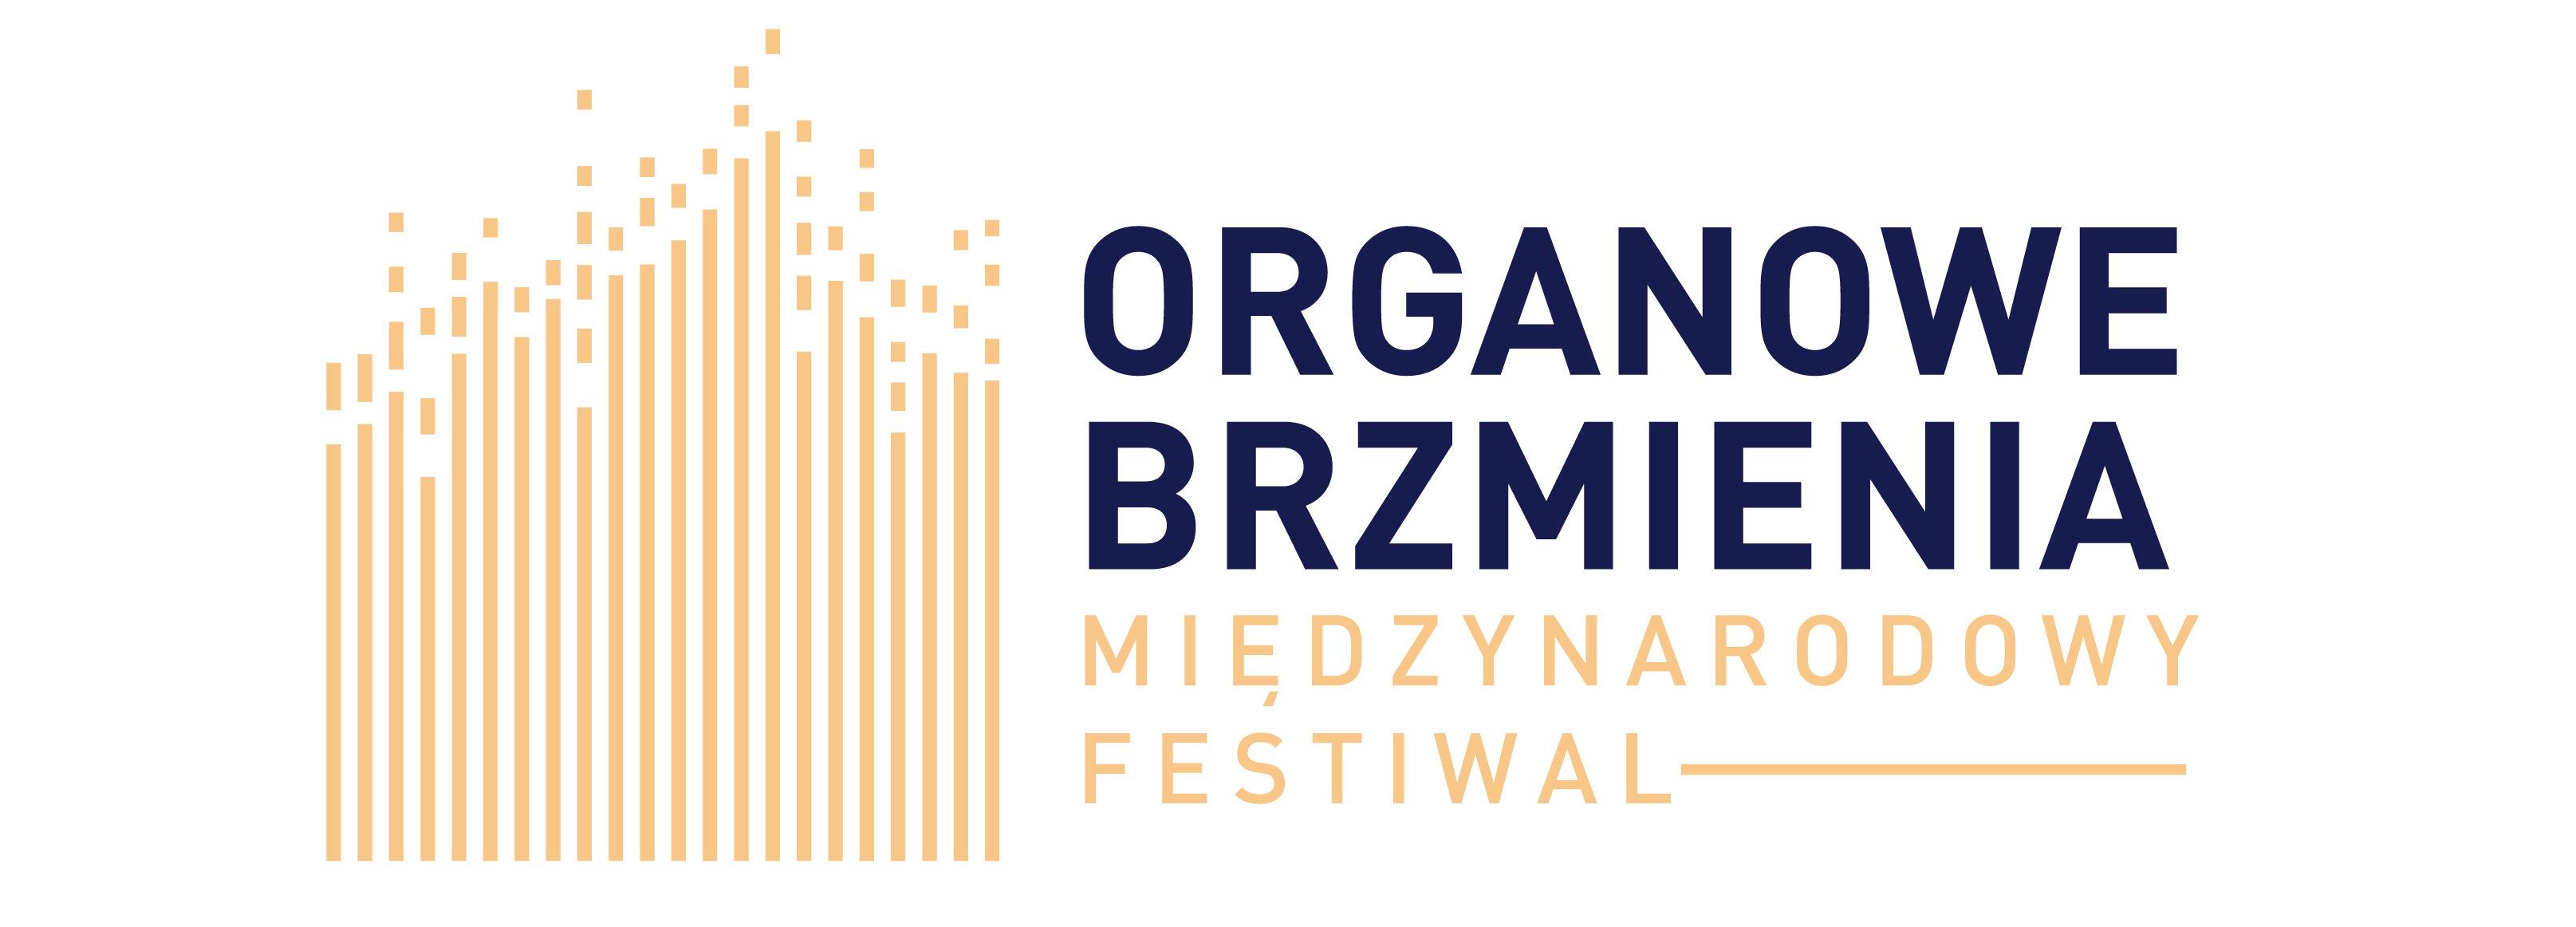 Festiwal Organowe Brzmienia